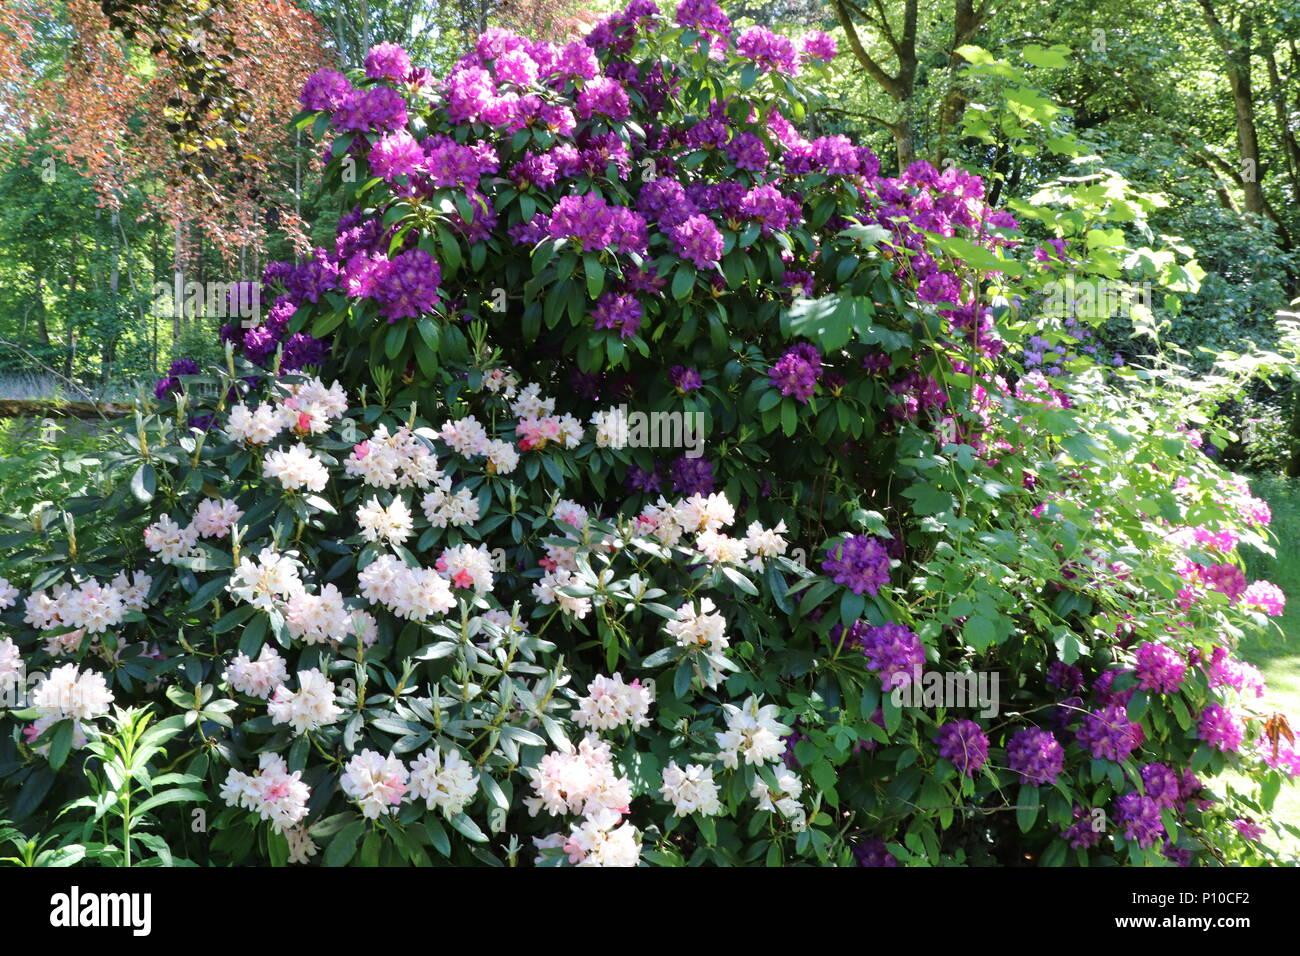 Blumen Pflanzen Und Sträucher Im Garten Stockfoto Bild 207148902